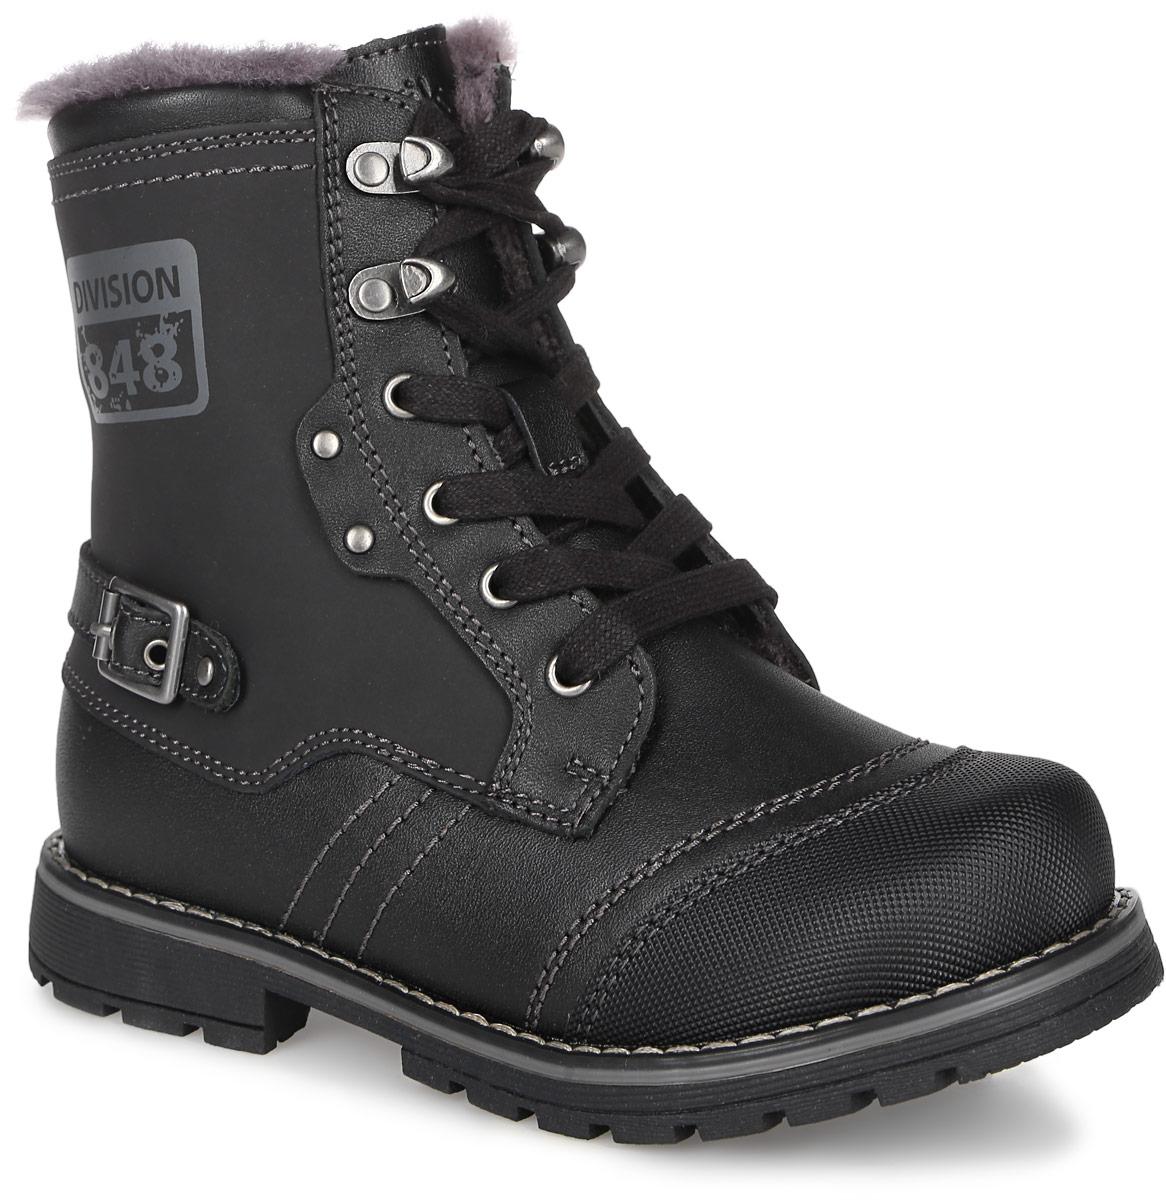 Ботинки для мальчика Kapika, цвет: черный. 63235ш-1. Размер 3363235ш-1Стильные ботинки от Kapika выполнены из натуральной кожи и оформлены декоративной отстрочкой. Изделие застегивается на застежку-молнию и дополнительно имеет шнуровку, что способствует надежной фиксации на ноге. Стелька, изготовленная из натурального овечьего шерстяного меха, отлично сохраняет тепло и надежно защищает от холода, а также создаёт условия для удобного и долговечного использования. Рельефная подошва, выполненная из материала ТЭП, обеспечивает сцепление с любой поверхностью. Материал ТЭП не пропускает и не впитывает воду.